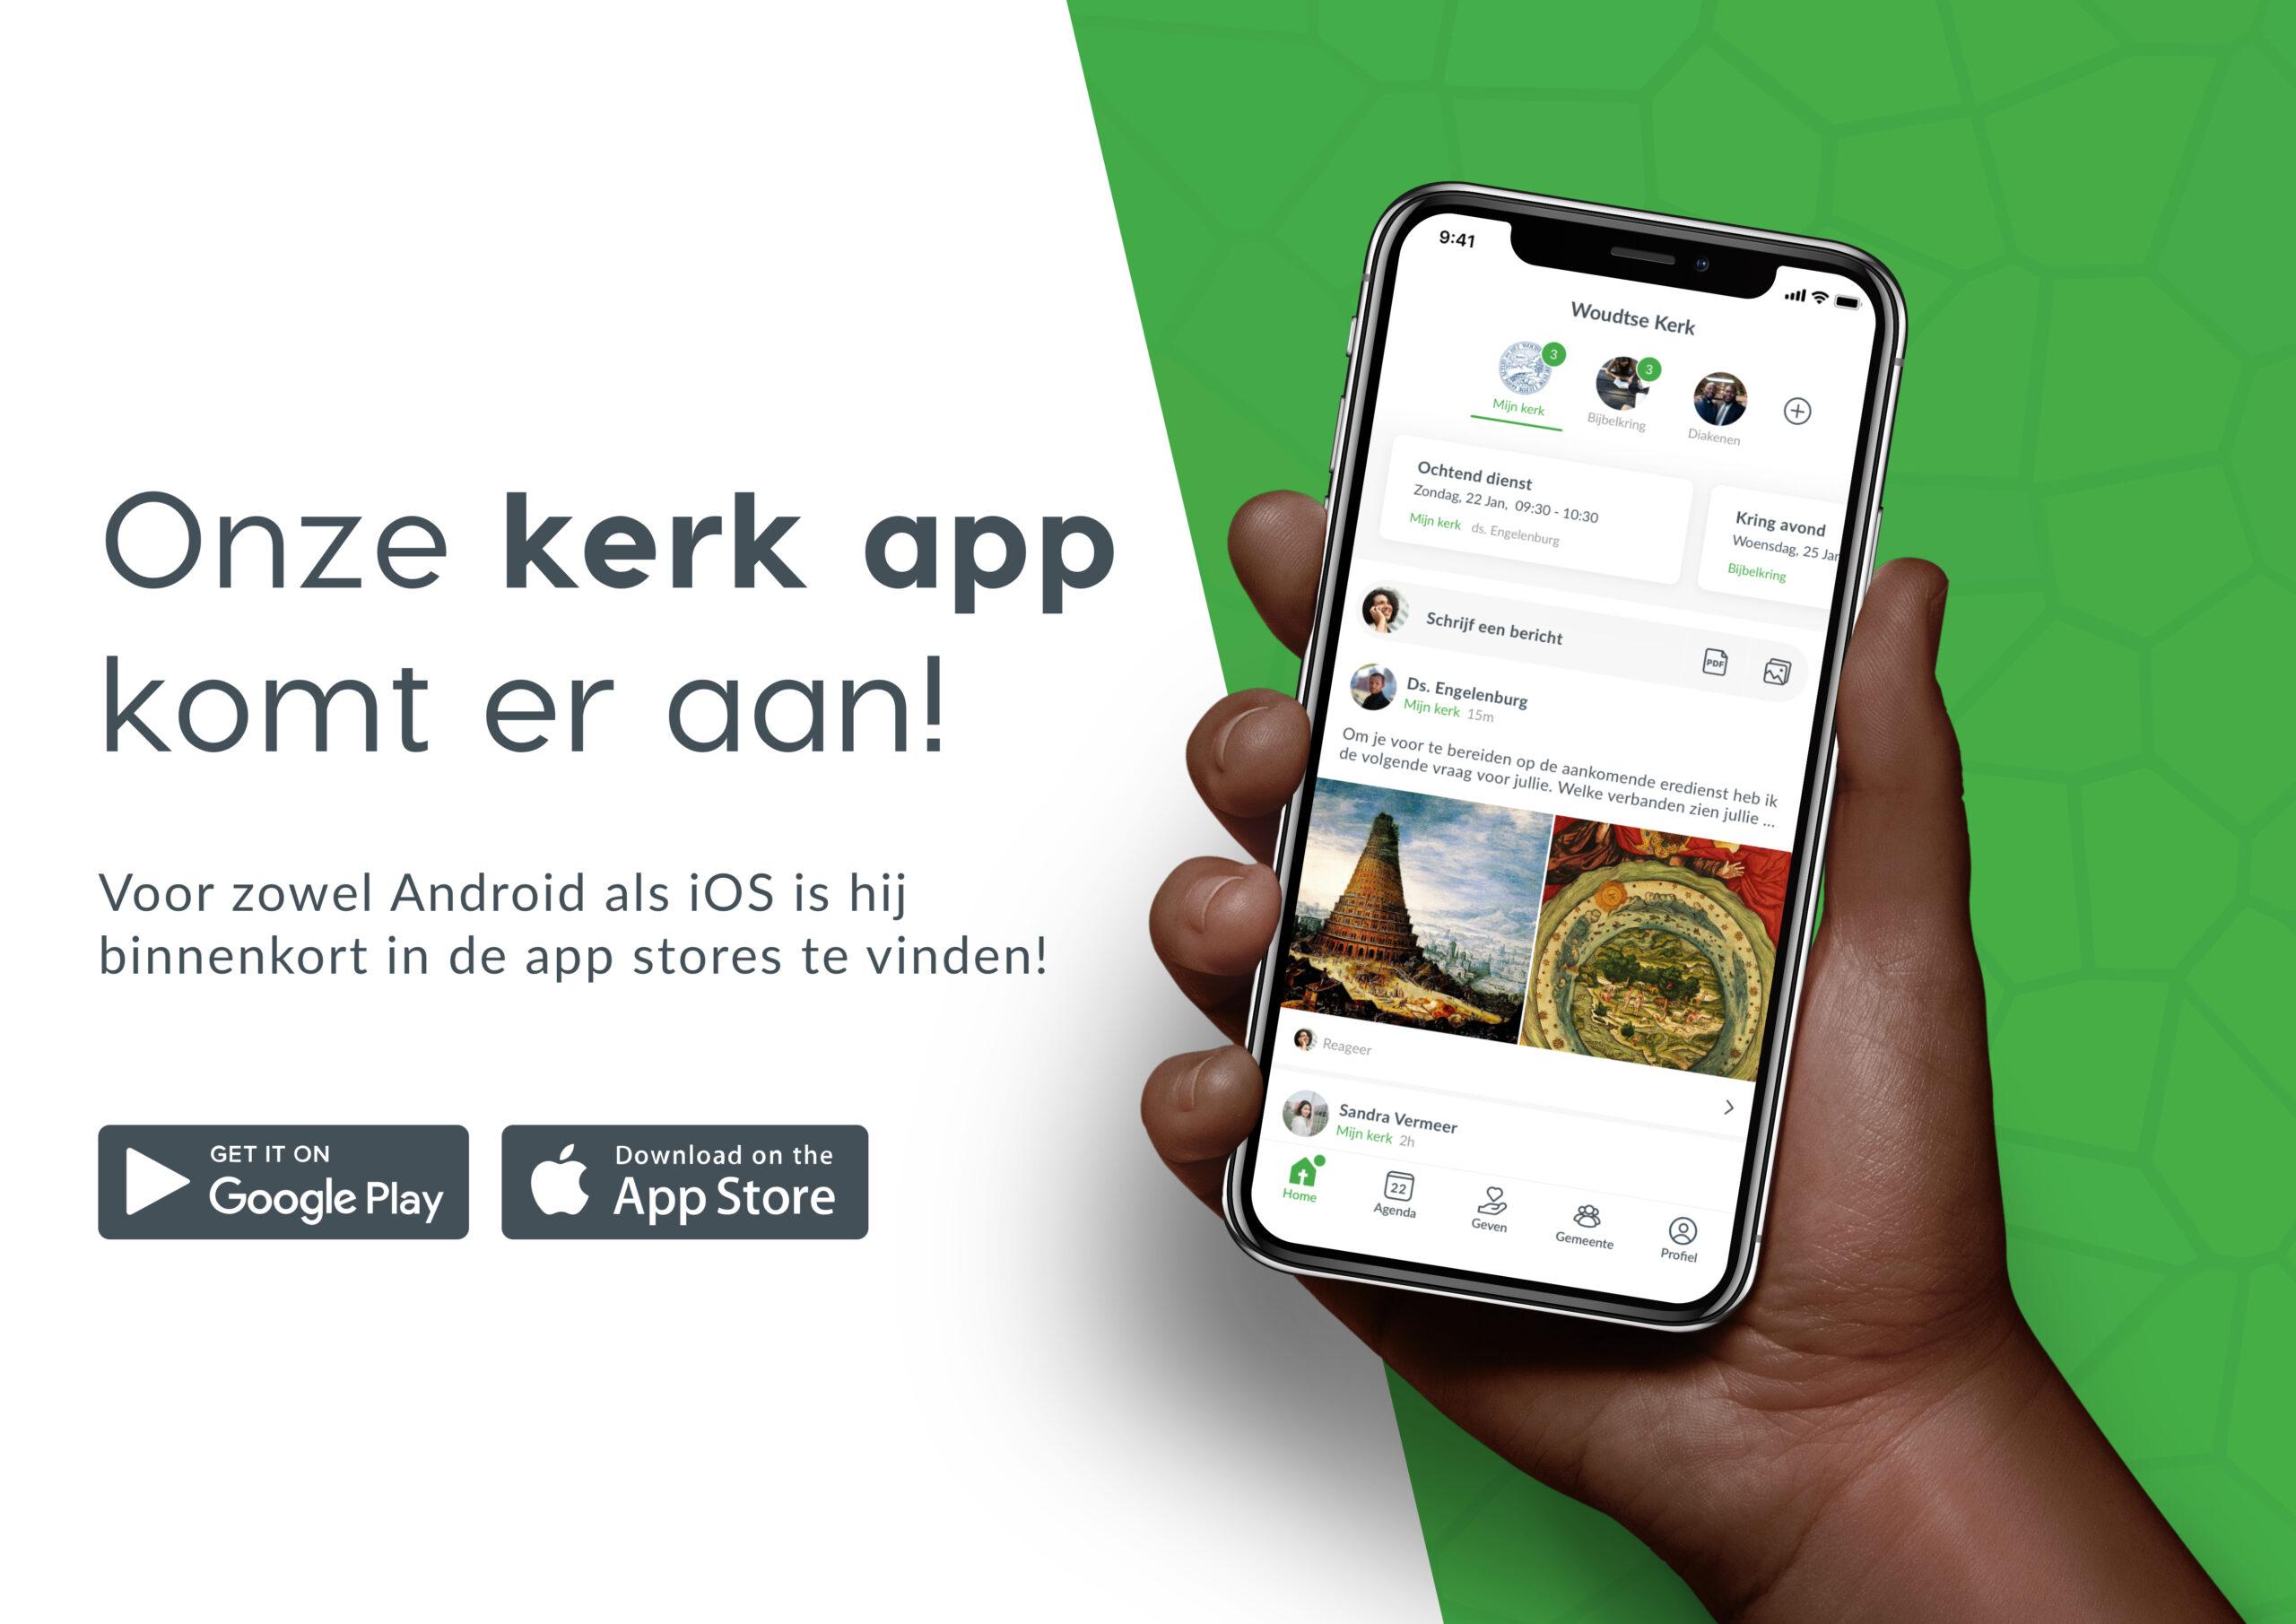 Onze eigen Kerk app komt er aan!